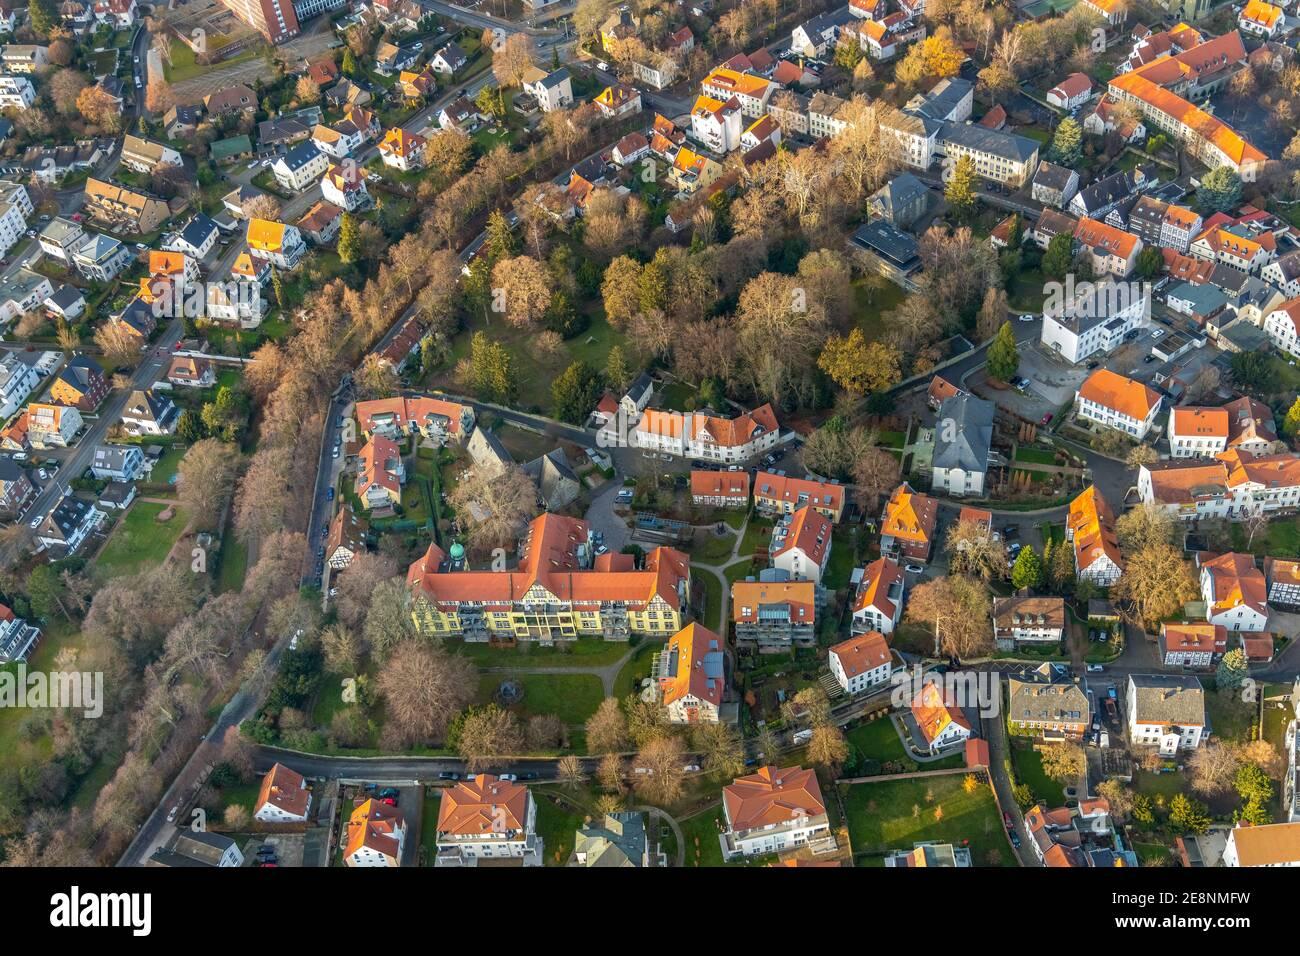 Luftbild, Bergenthalpark, Spital Physio, Soest, Soester Börde, Nordrhein-Westfalen, Deutschland, DE, Daelengasse, Europa, Gesundheitswesen, Grünanlage Stock Photo